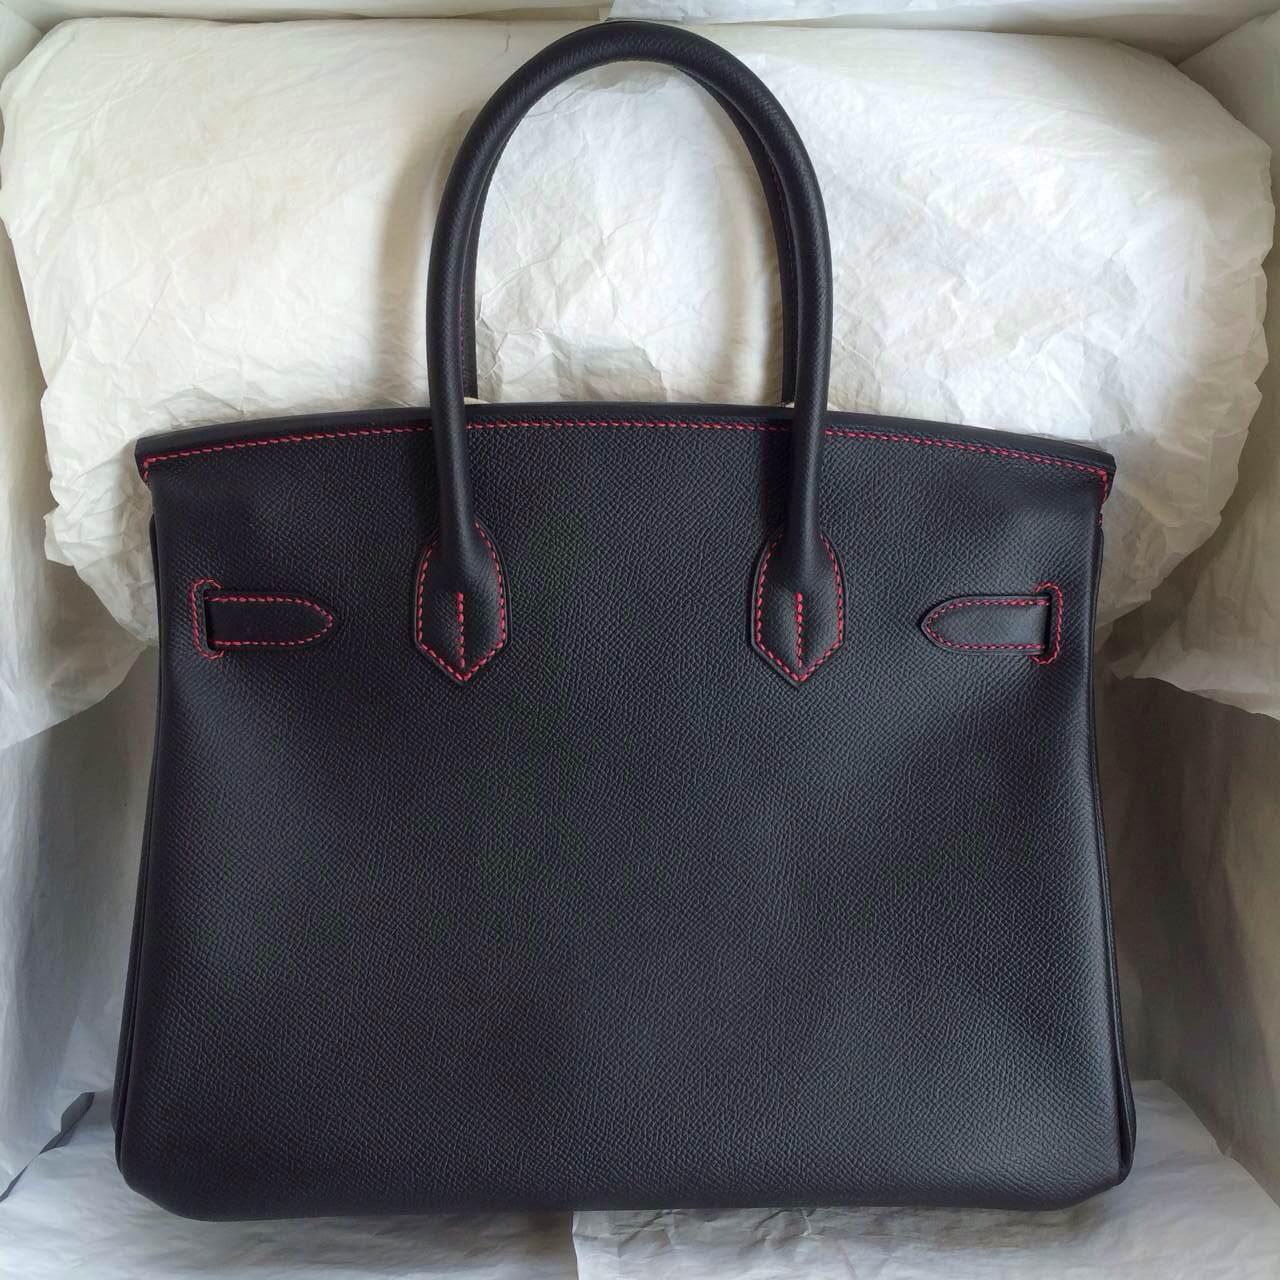 Black/E5 Rose Tyrien inner Epsom Leather Hermes Birkin Bag 30cm